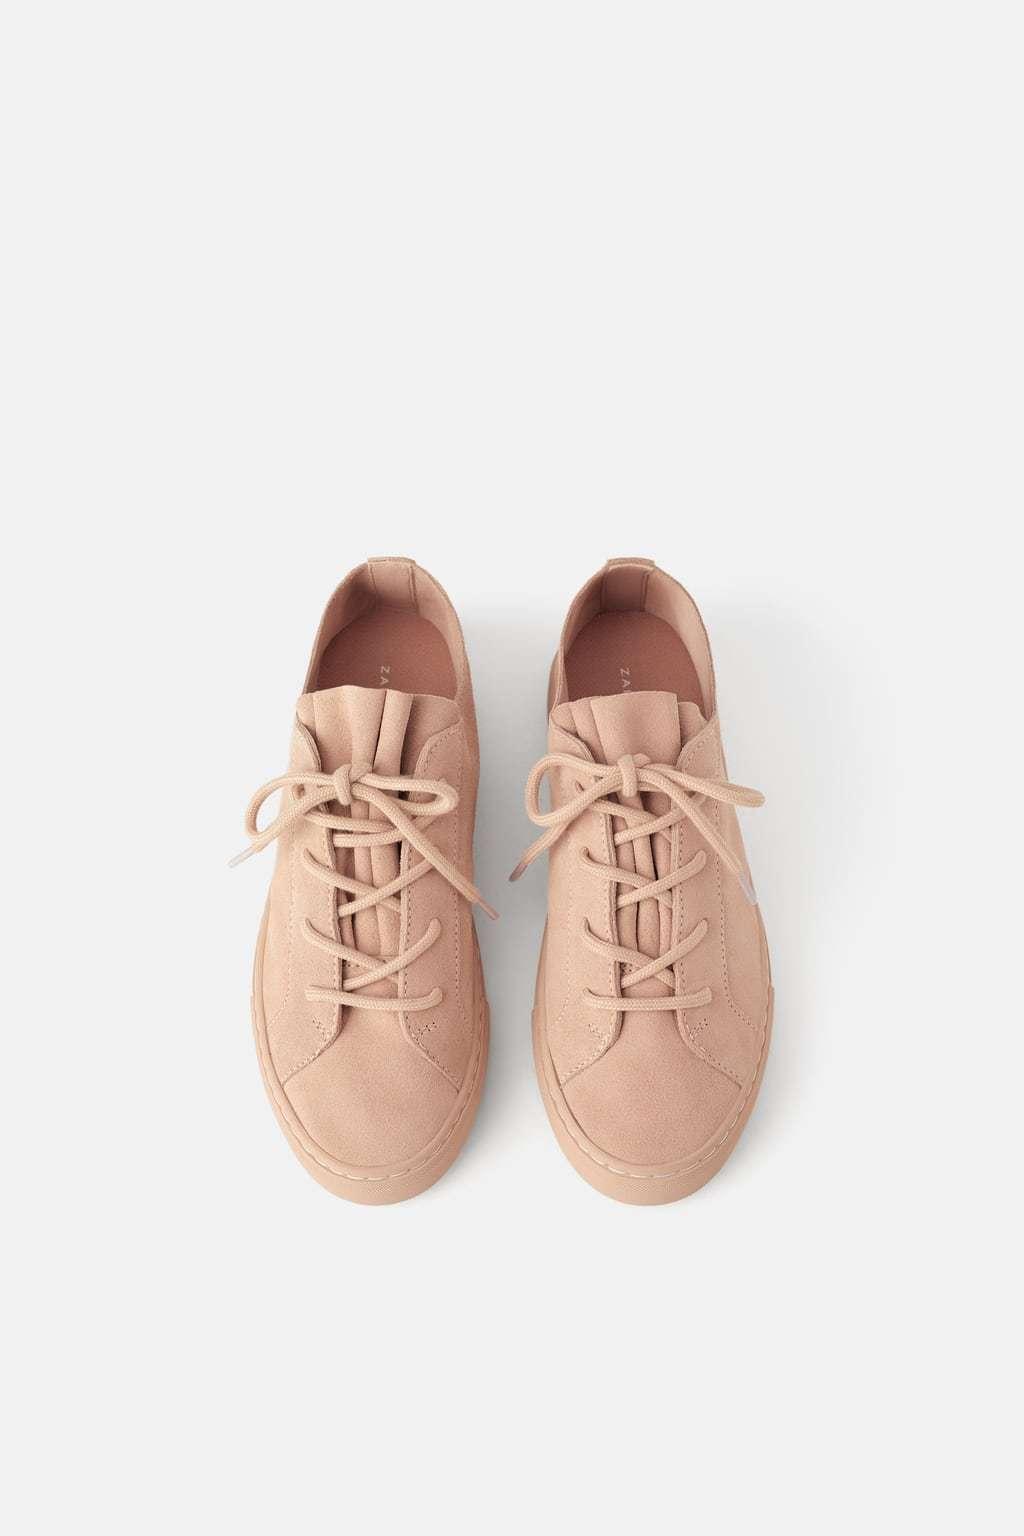 Zapatillas de serraje en color rosa de Zara